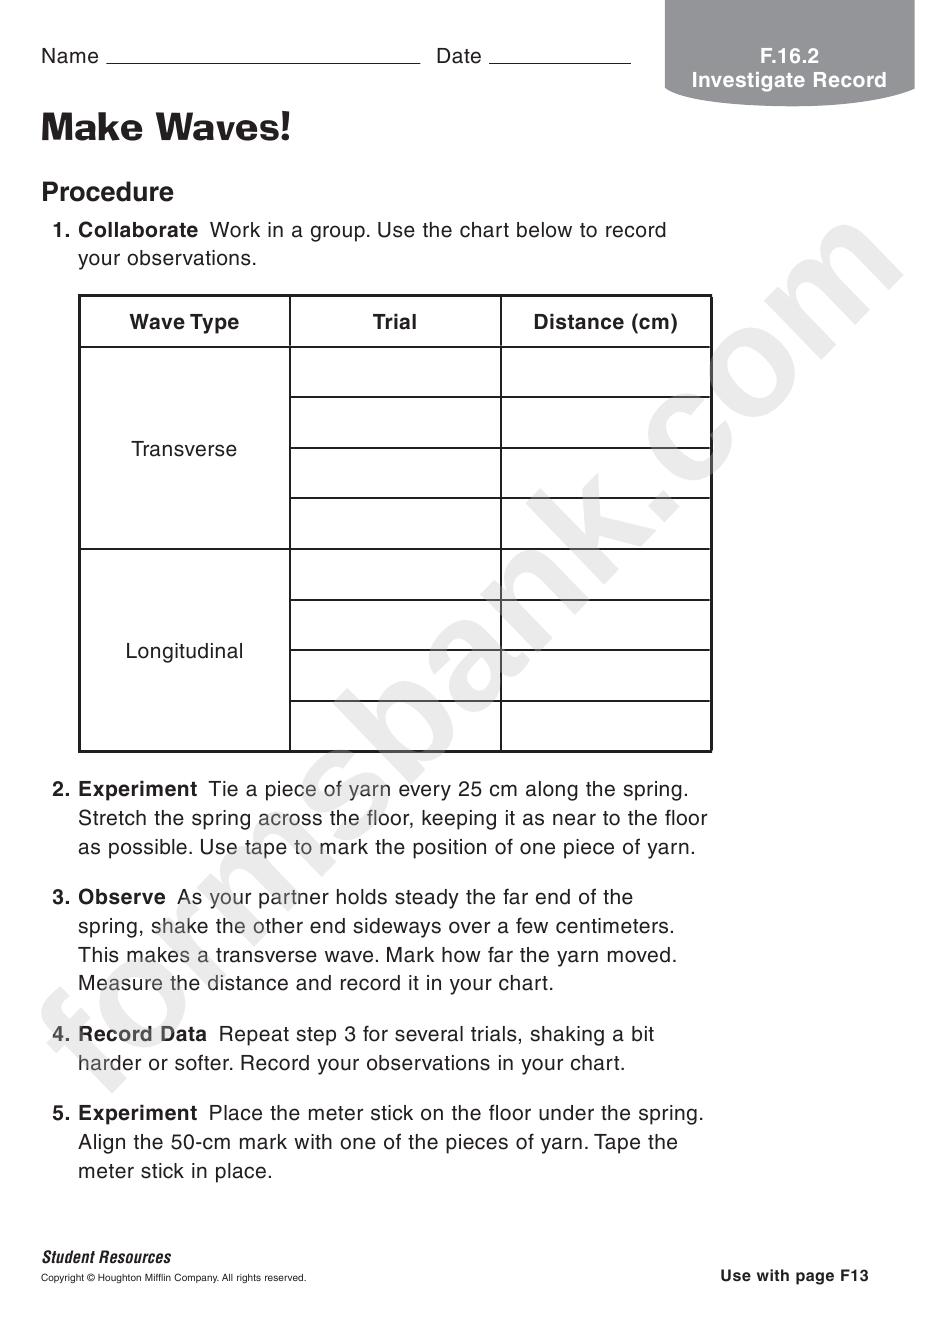 Make Waves Physics Worksheet printable pdf download